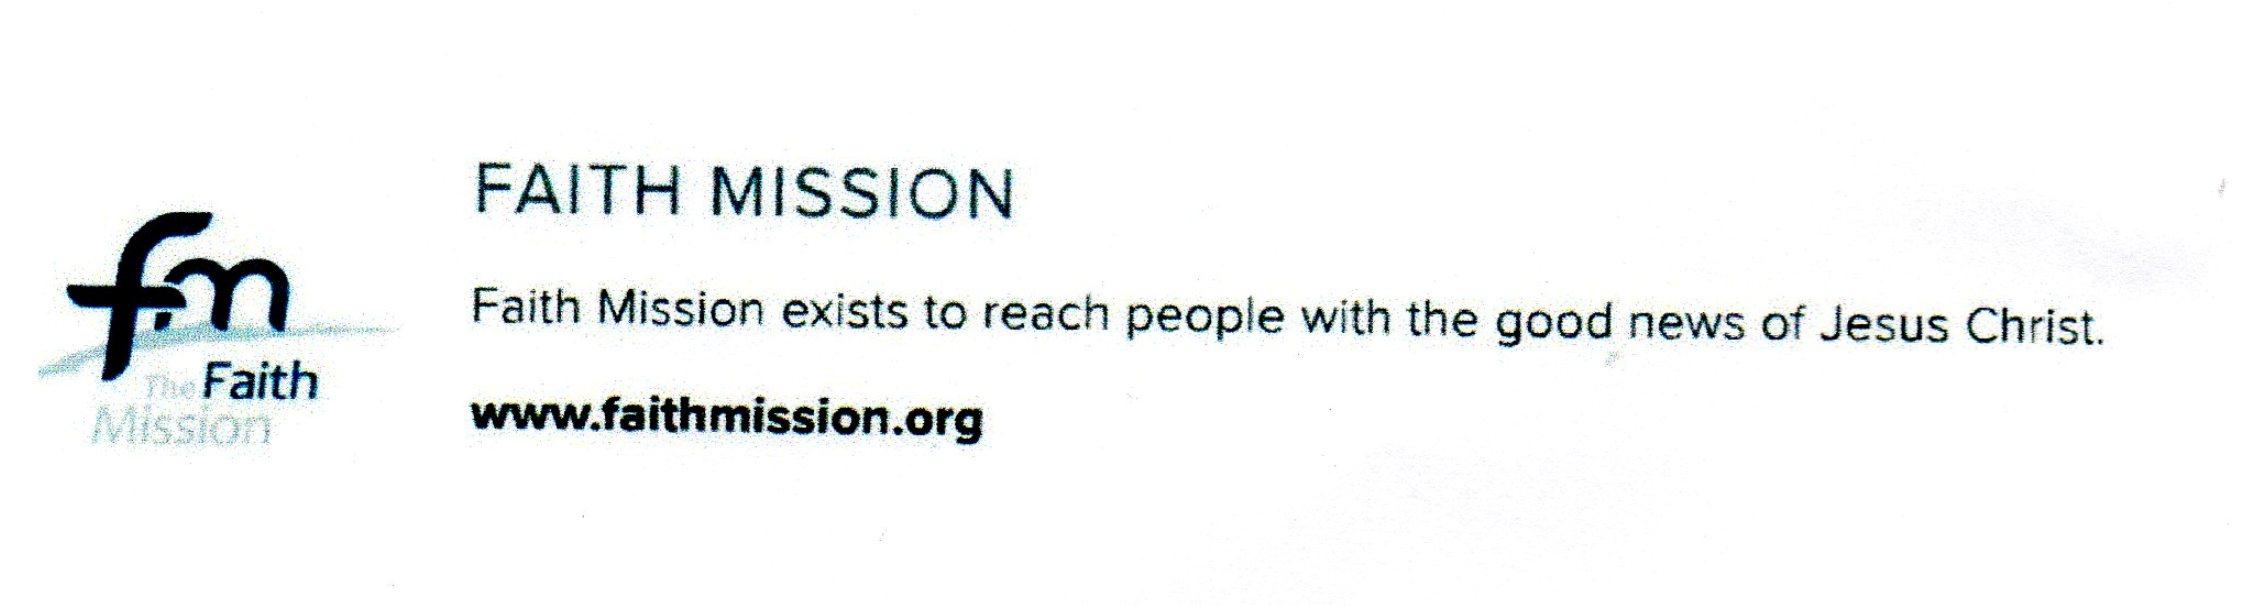 FAITH MISSION 3.jpg